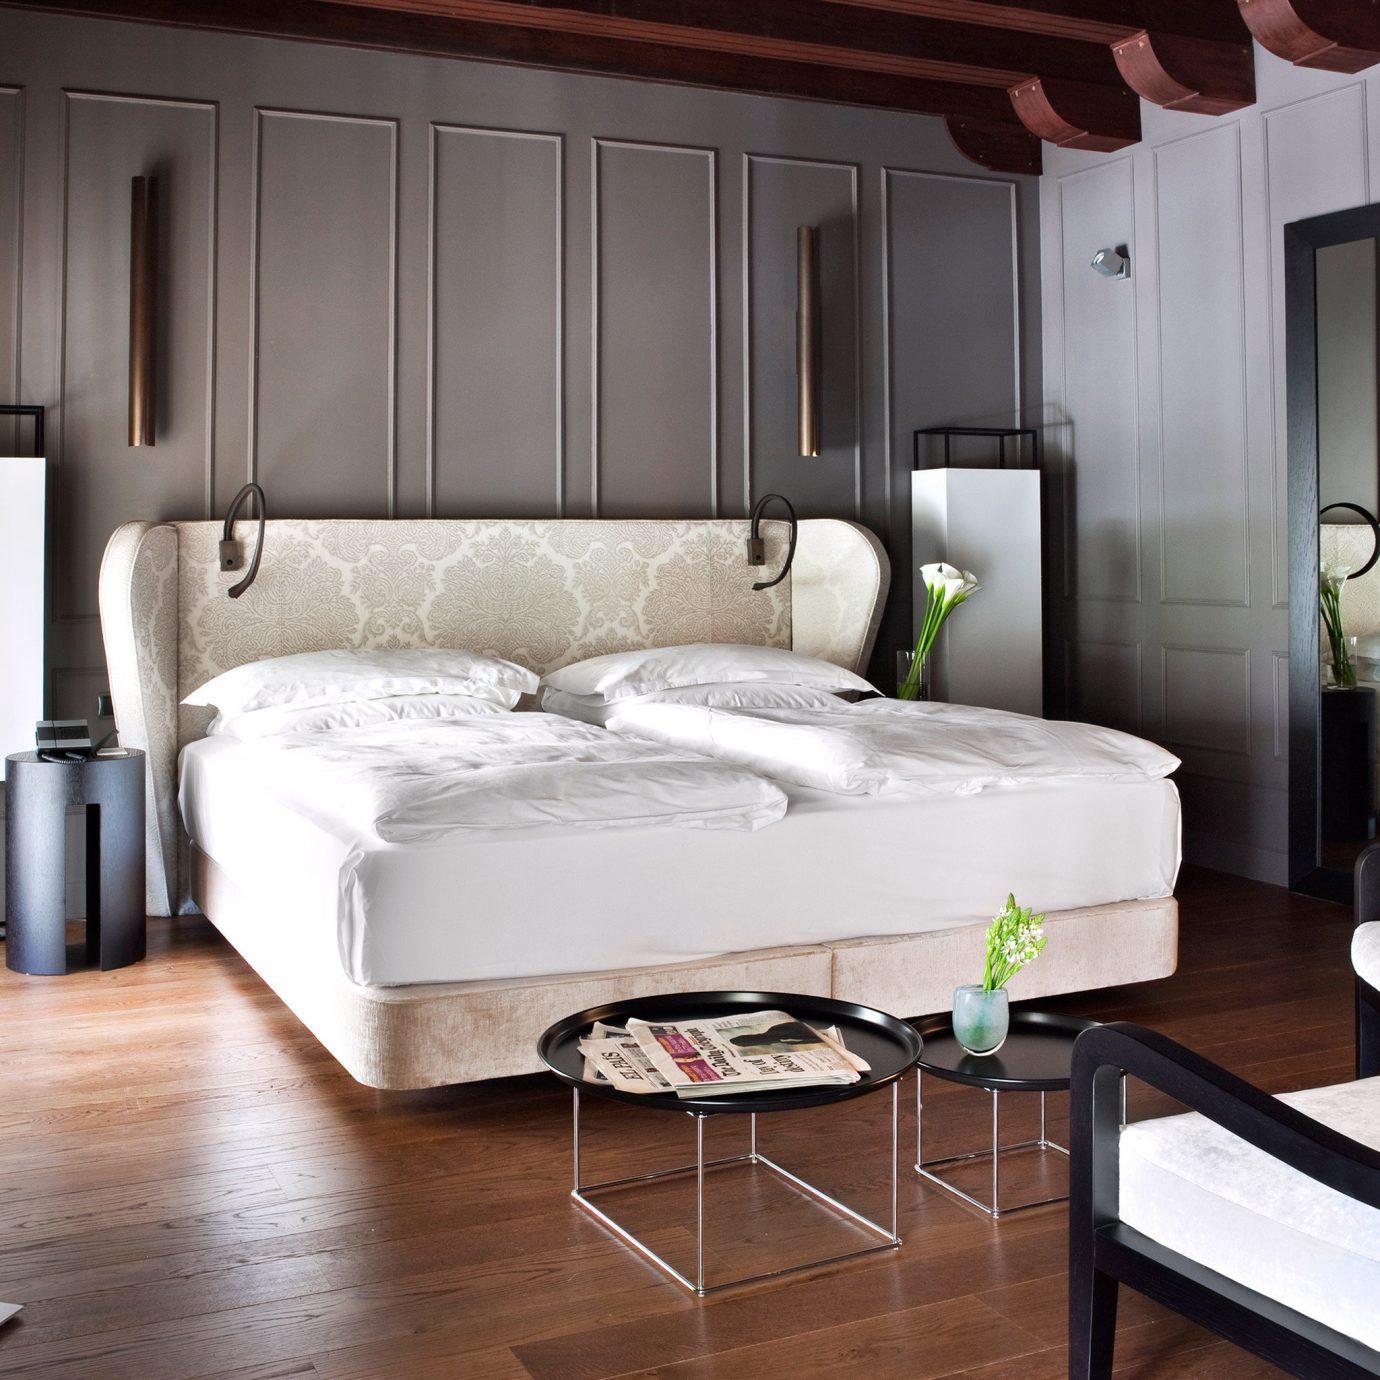 Bedroom Hip Luxury Modern Suite property living room home cottage bed frame